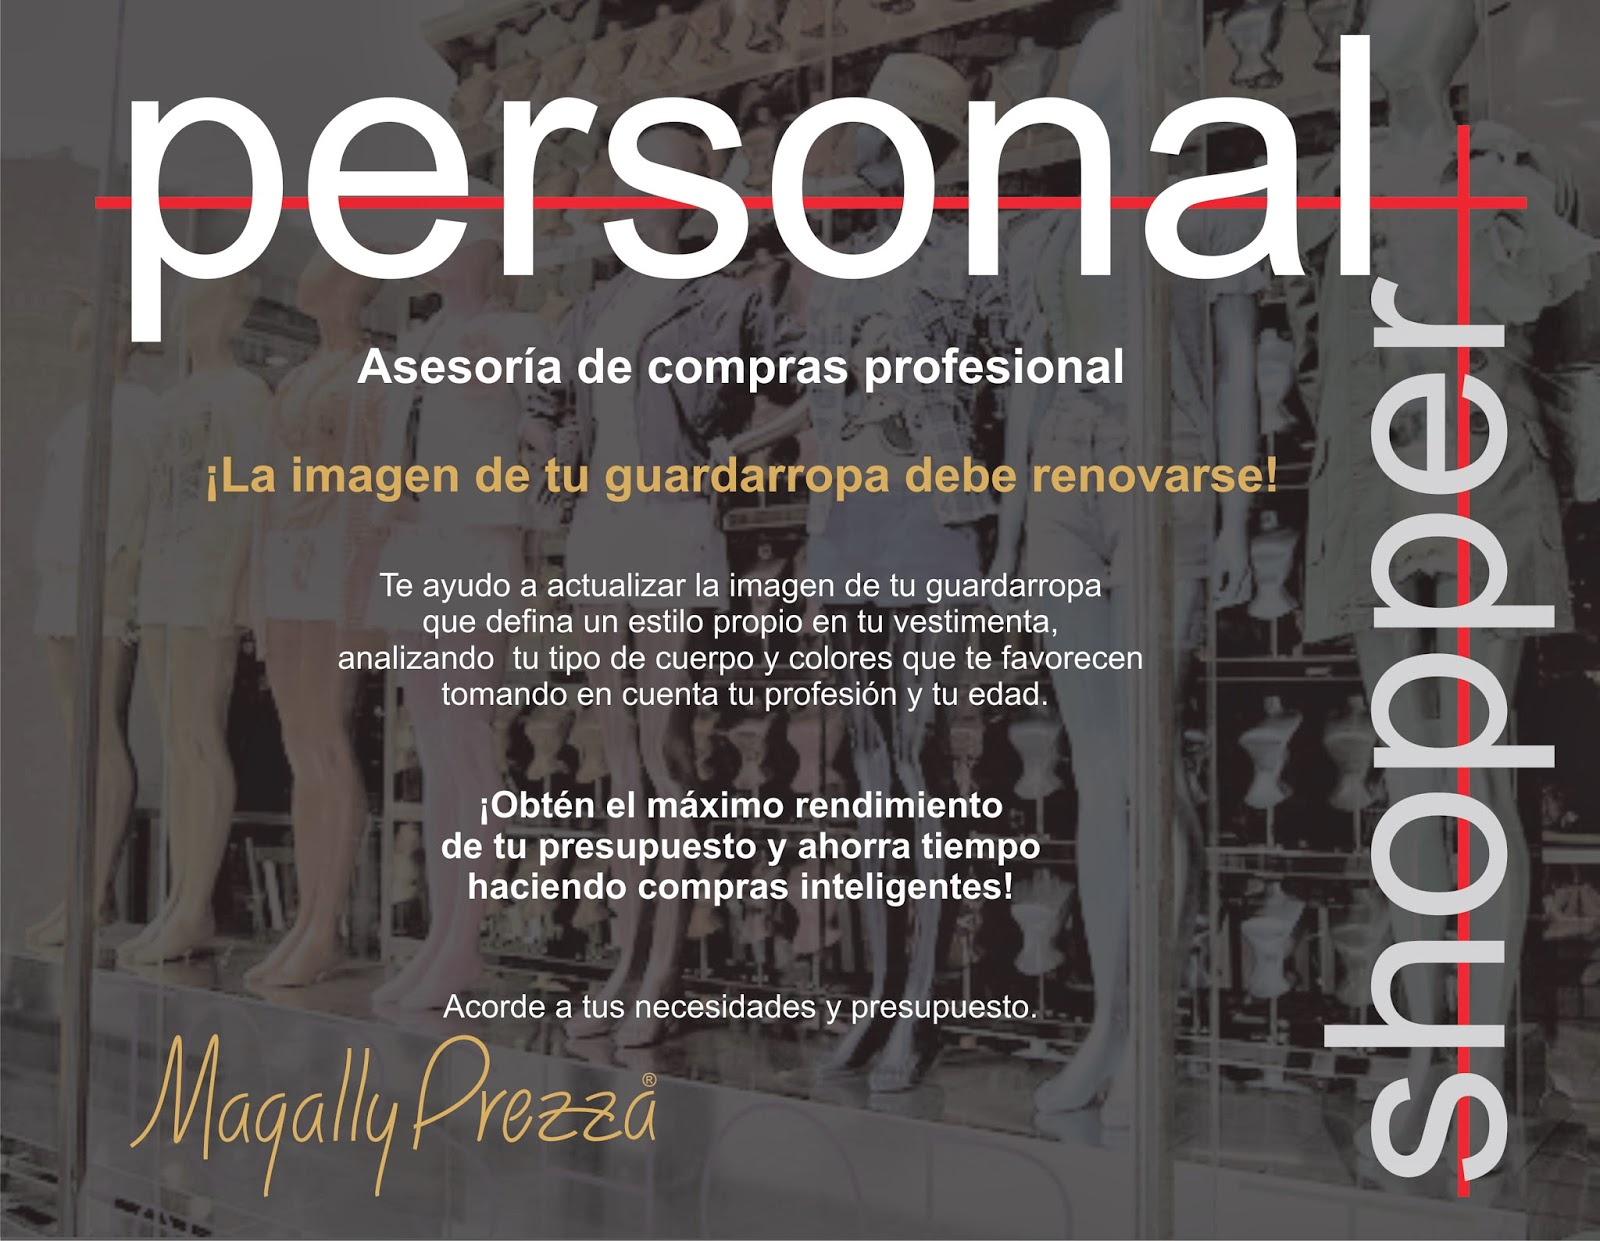 Magally prezza dise o de imagen coordinaci n de moda - Personal shopper blog ...